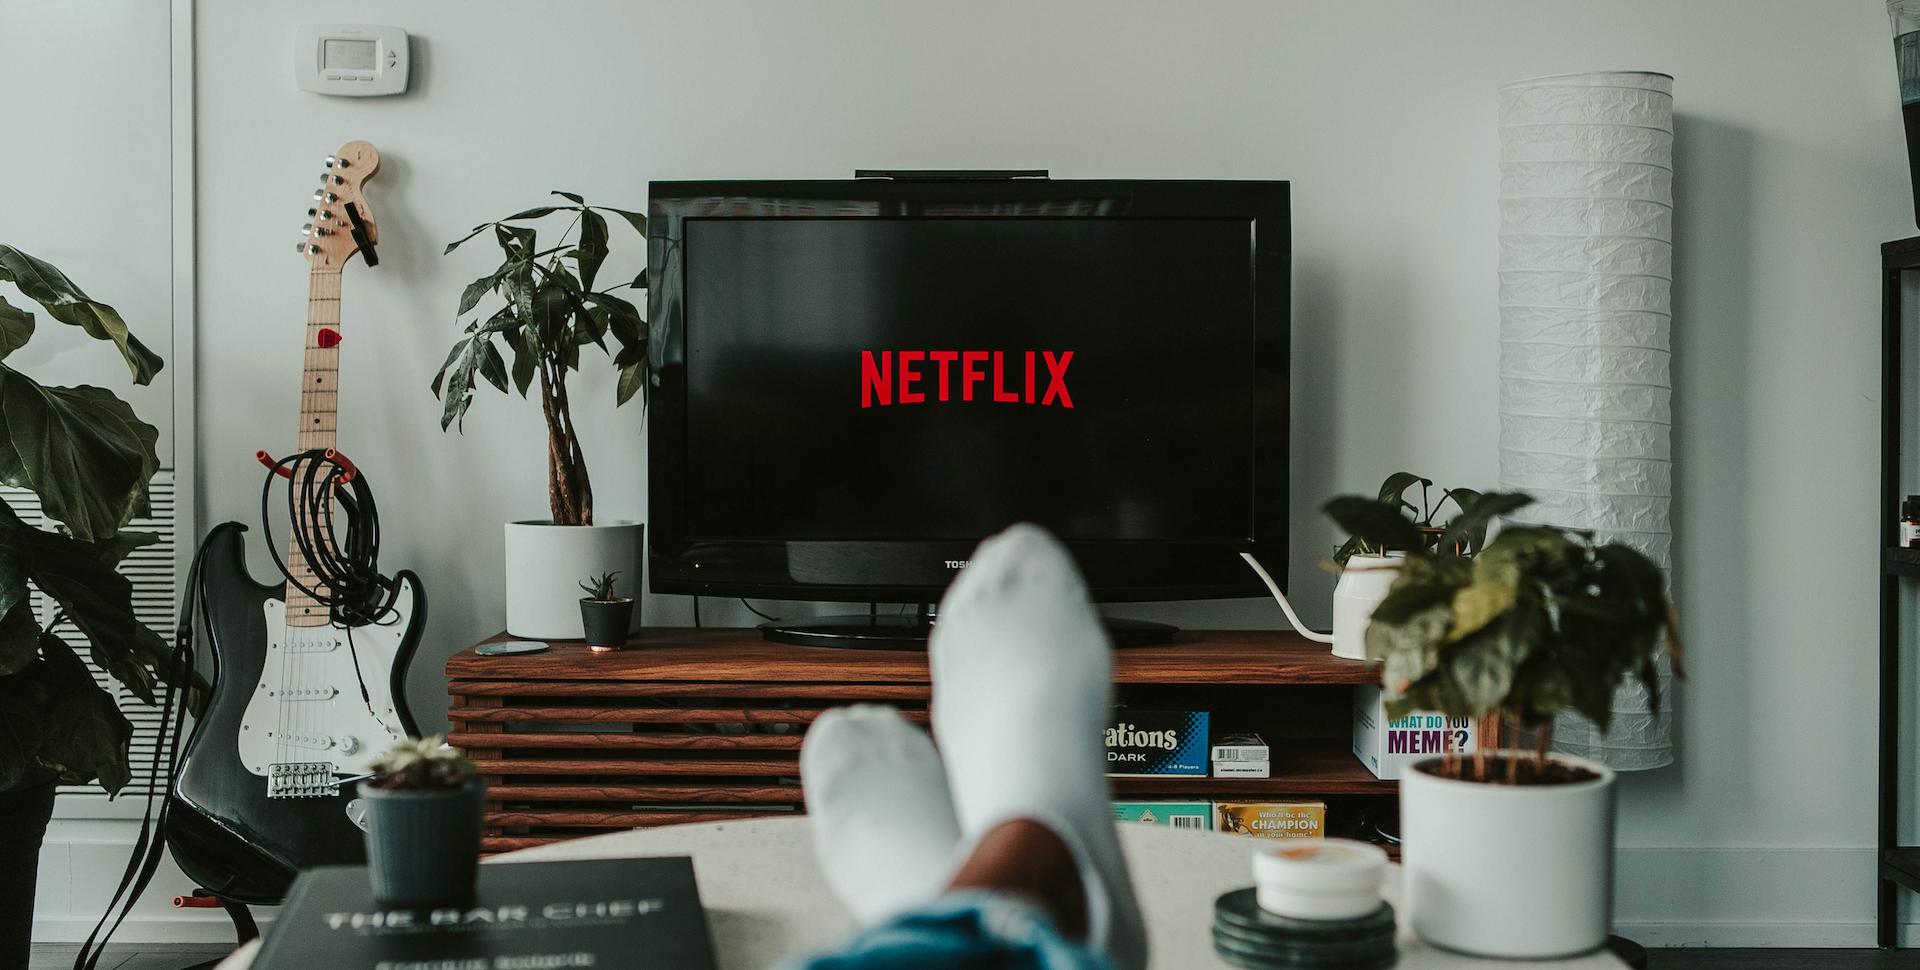 Netflix essentials for Aspiring Actors